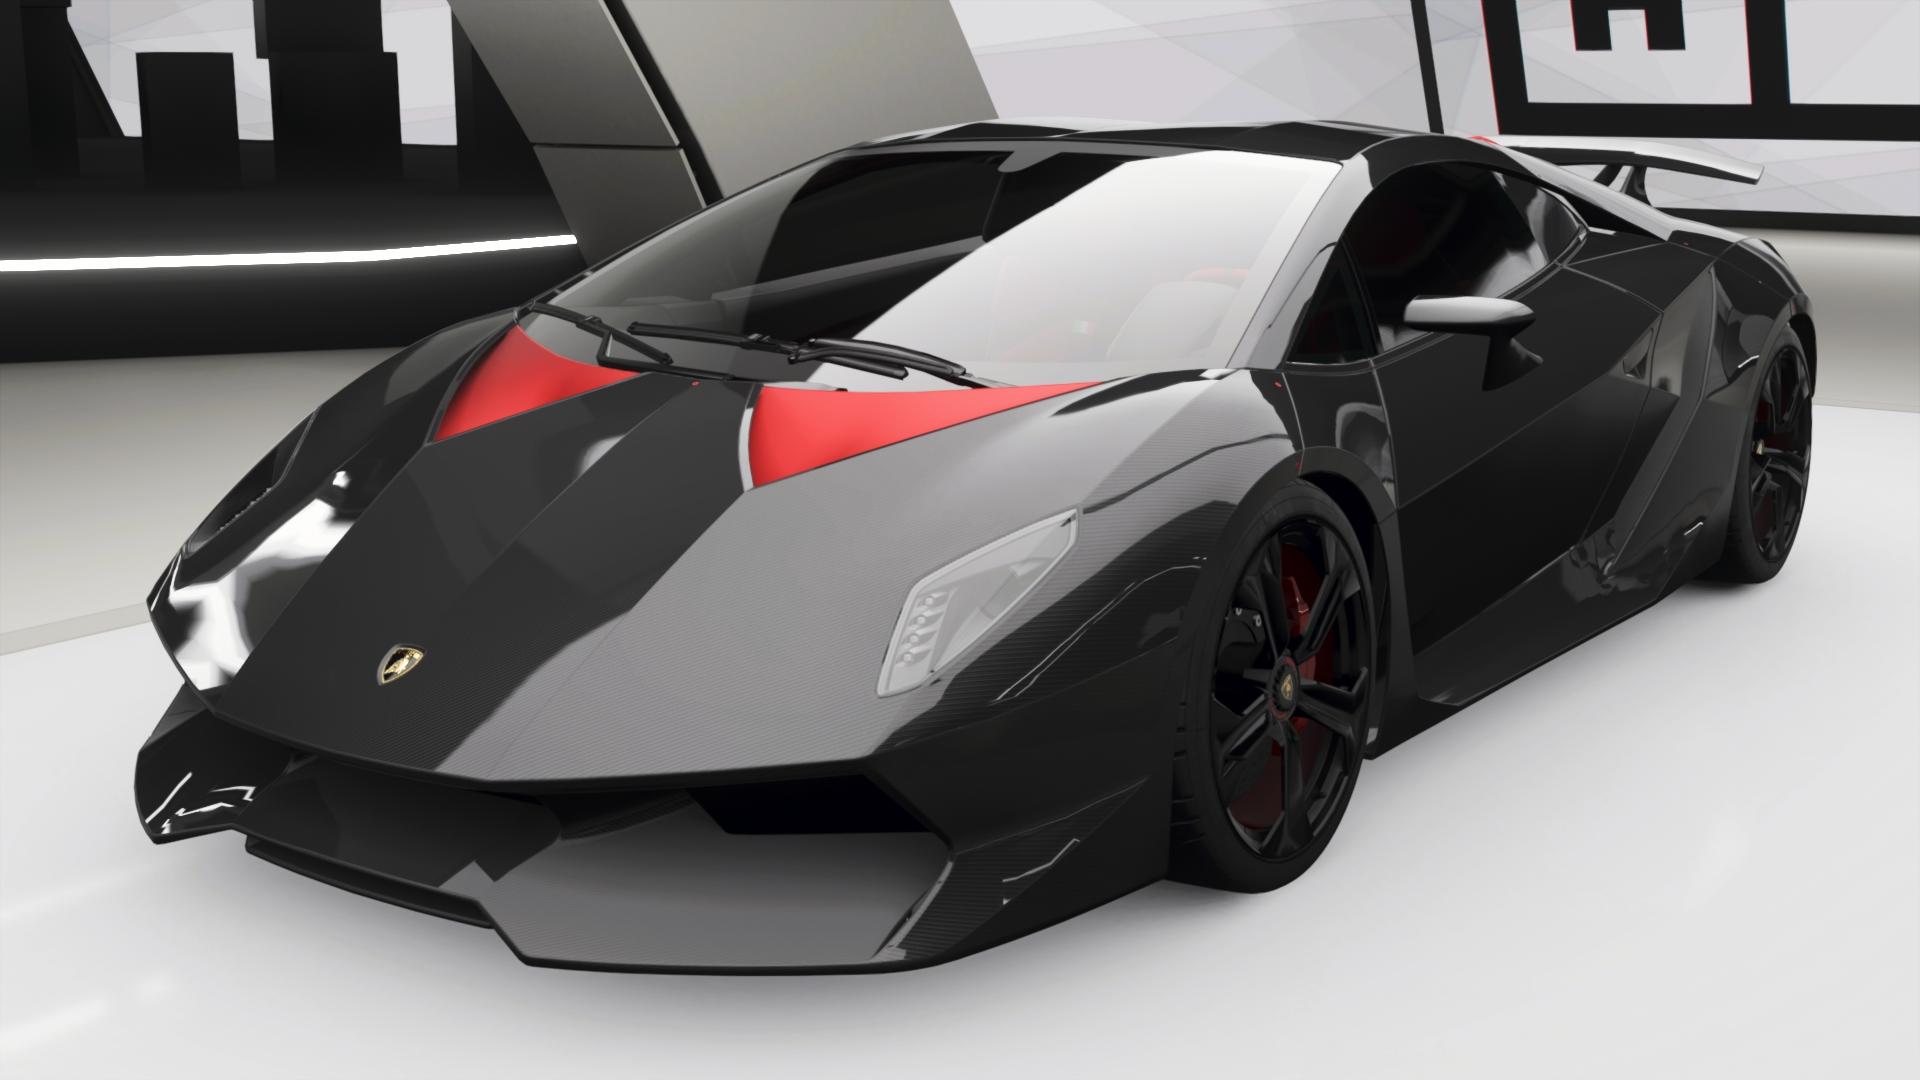 Lamborghini Sesto Elemento Forza Motorsport Wiki Fandom Powered